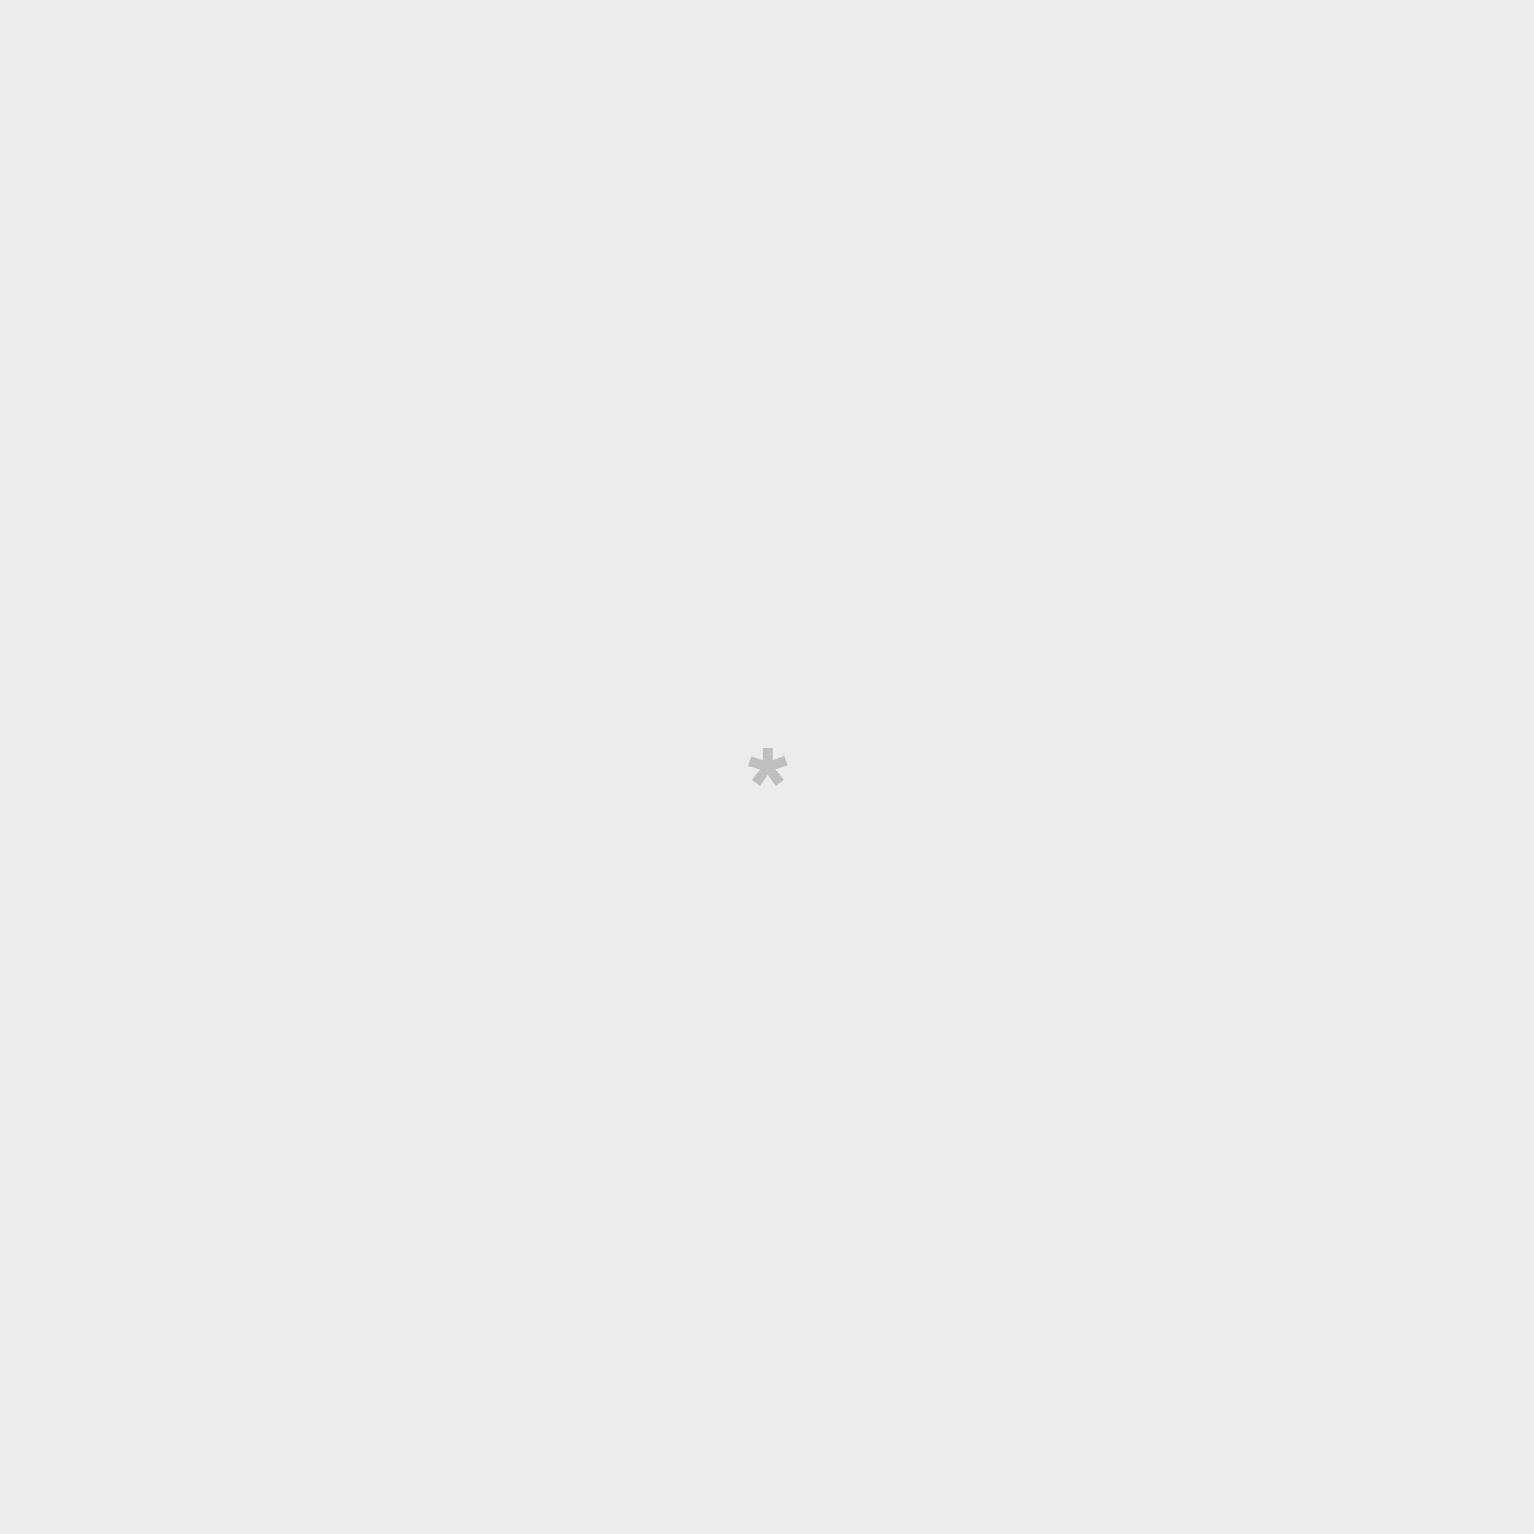 Set of essentials for class